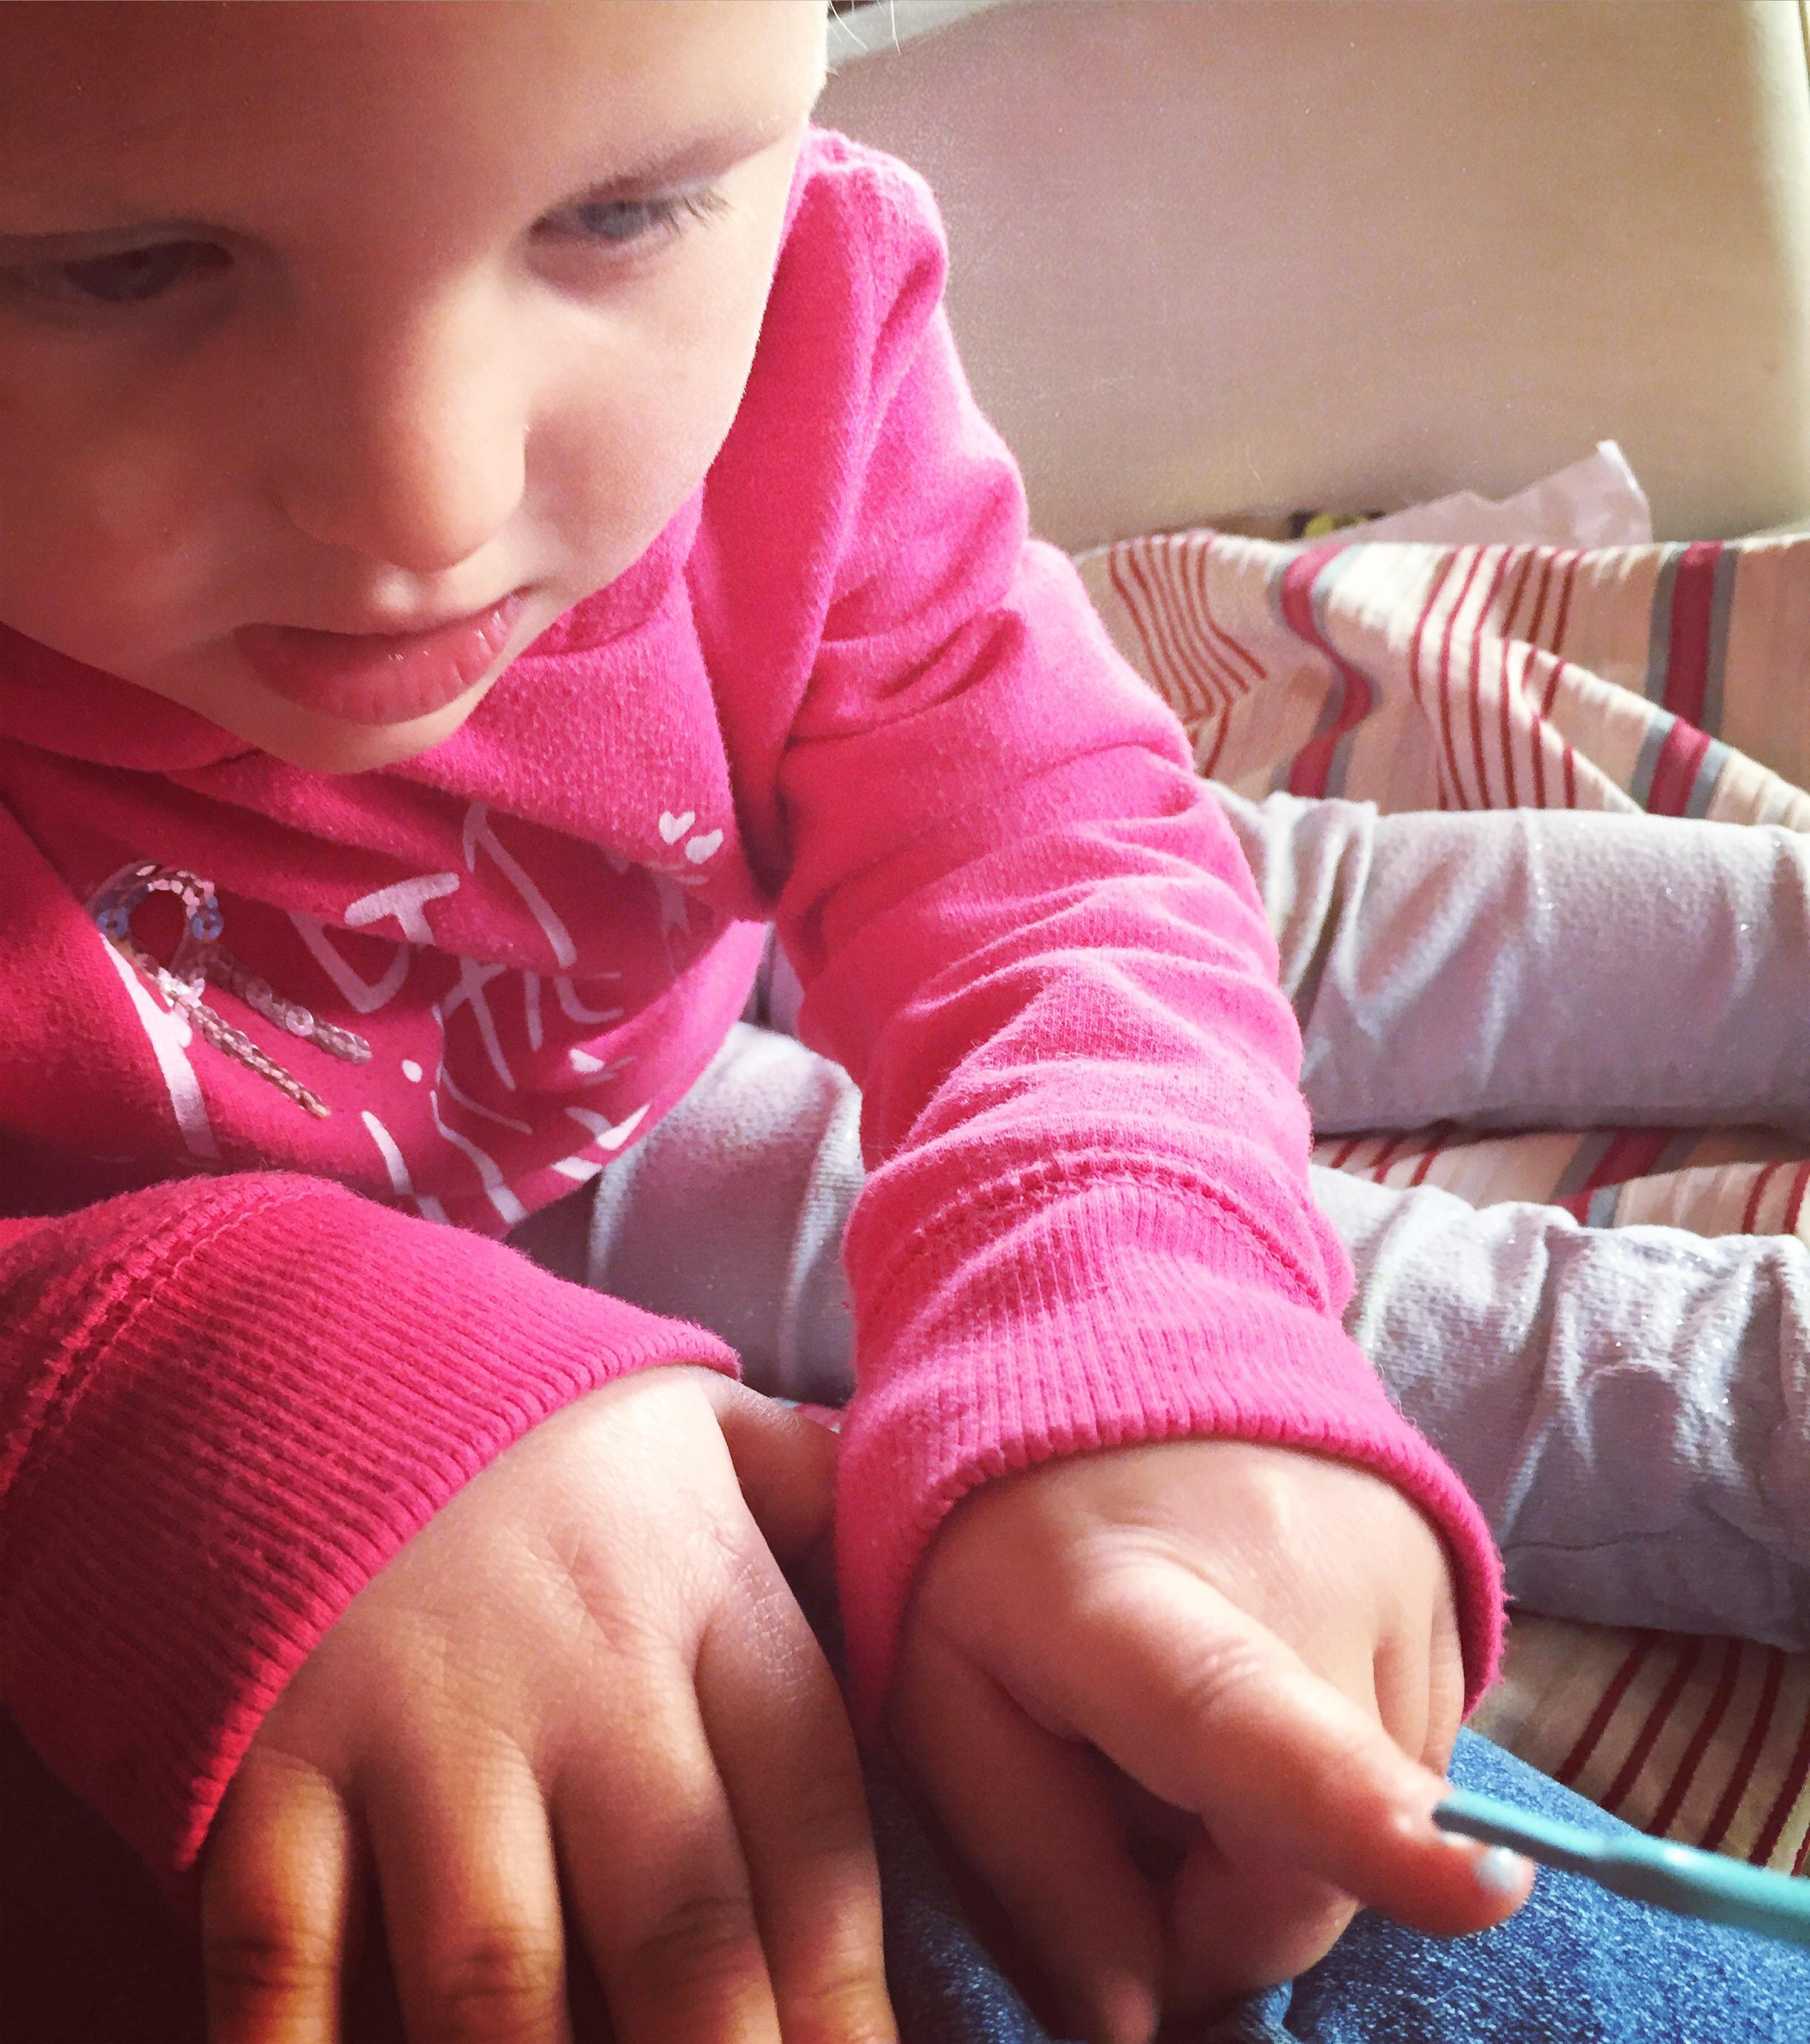 Op dinsdag rommelen we wat in huis totdat LIza naar dr nagels kijkt en me lief vraagt of ik haar 'nagels wil smeren'. Tuurlijk schat!